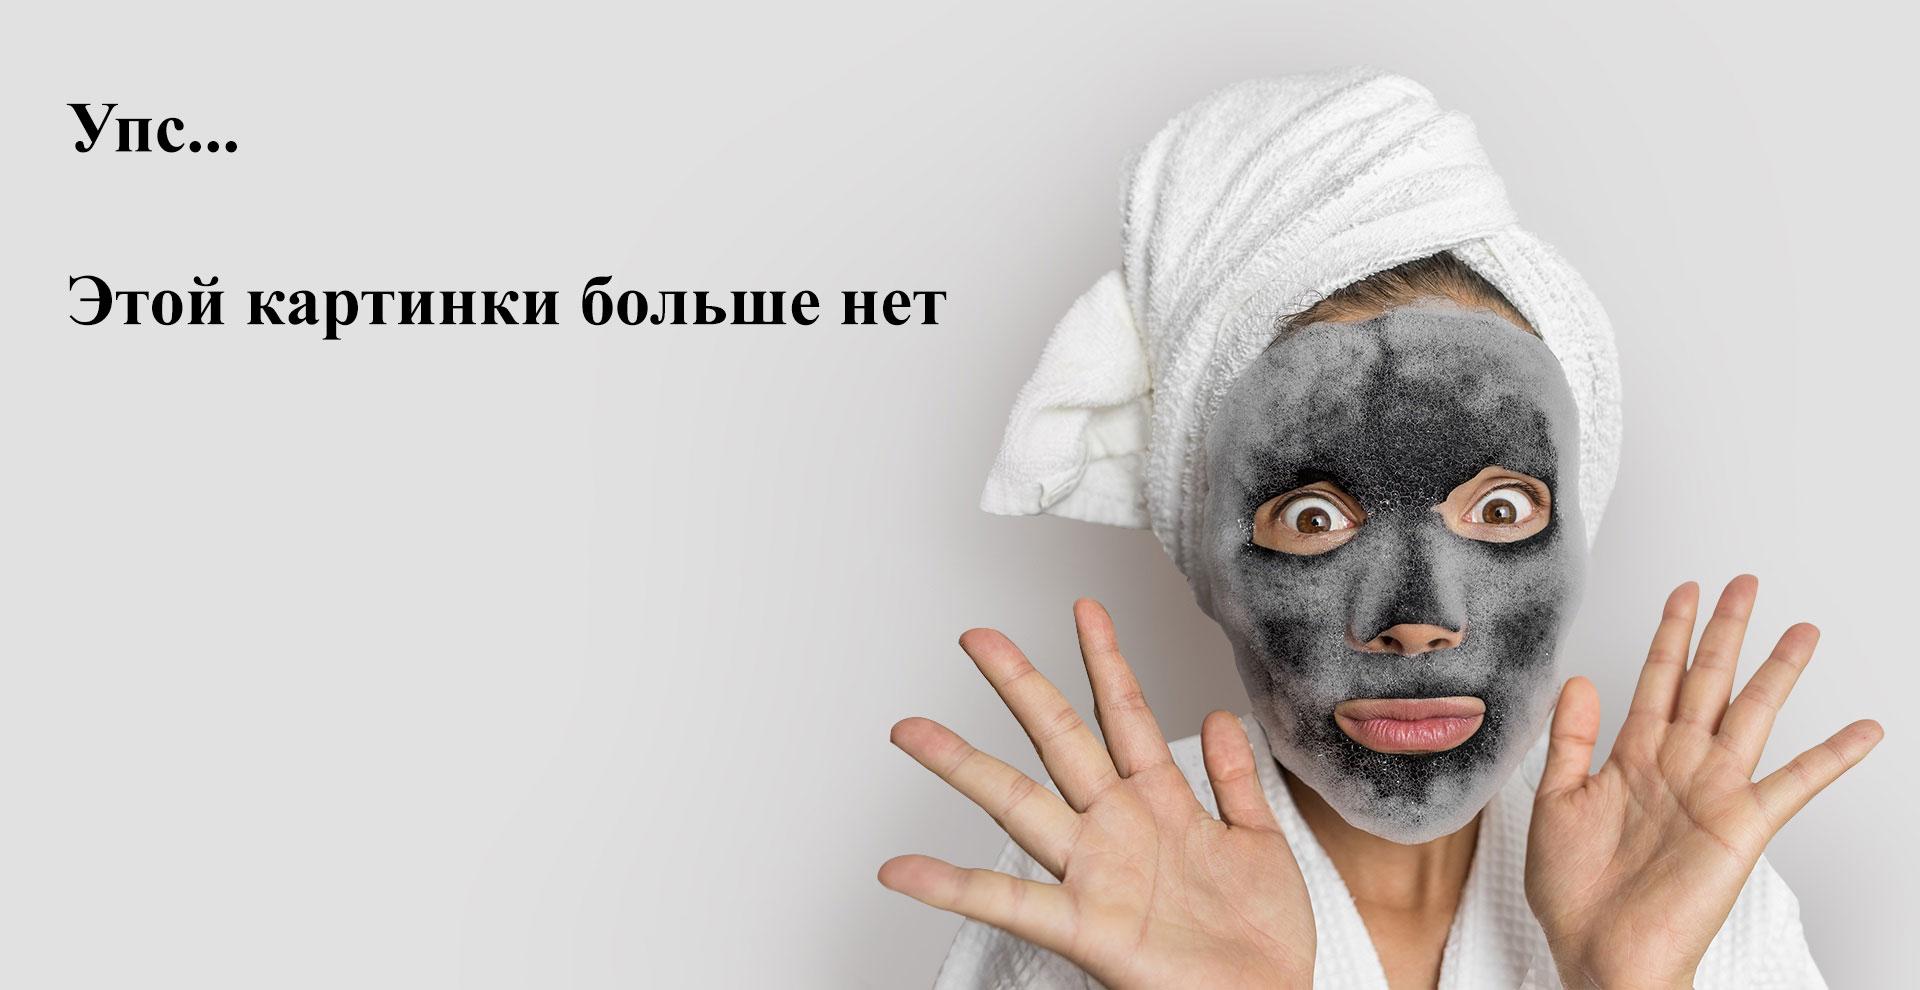 Patrisa Nail, Гель-лак «Времена года», Ягодный микс